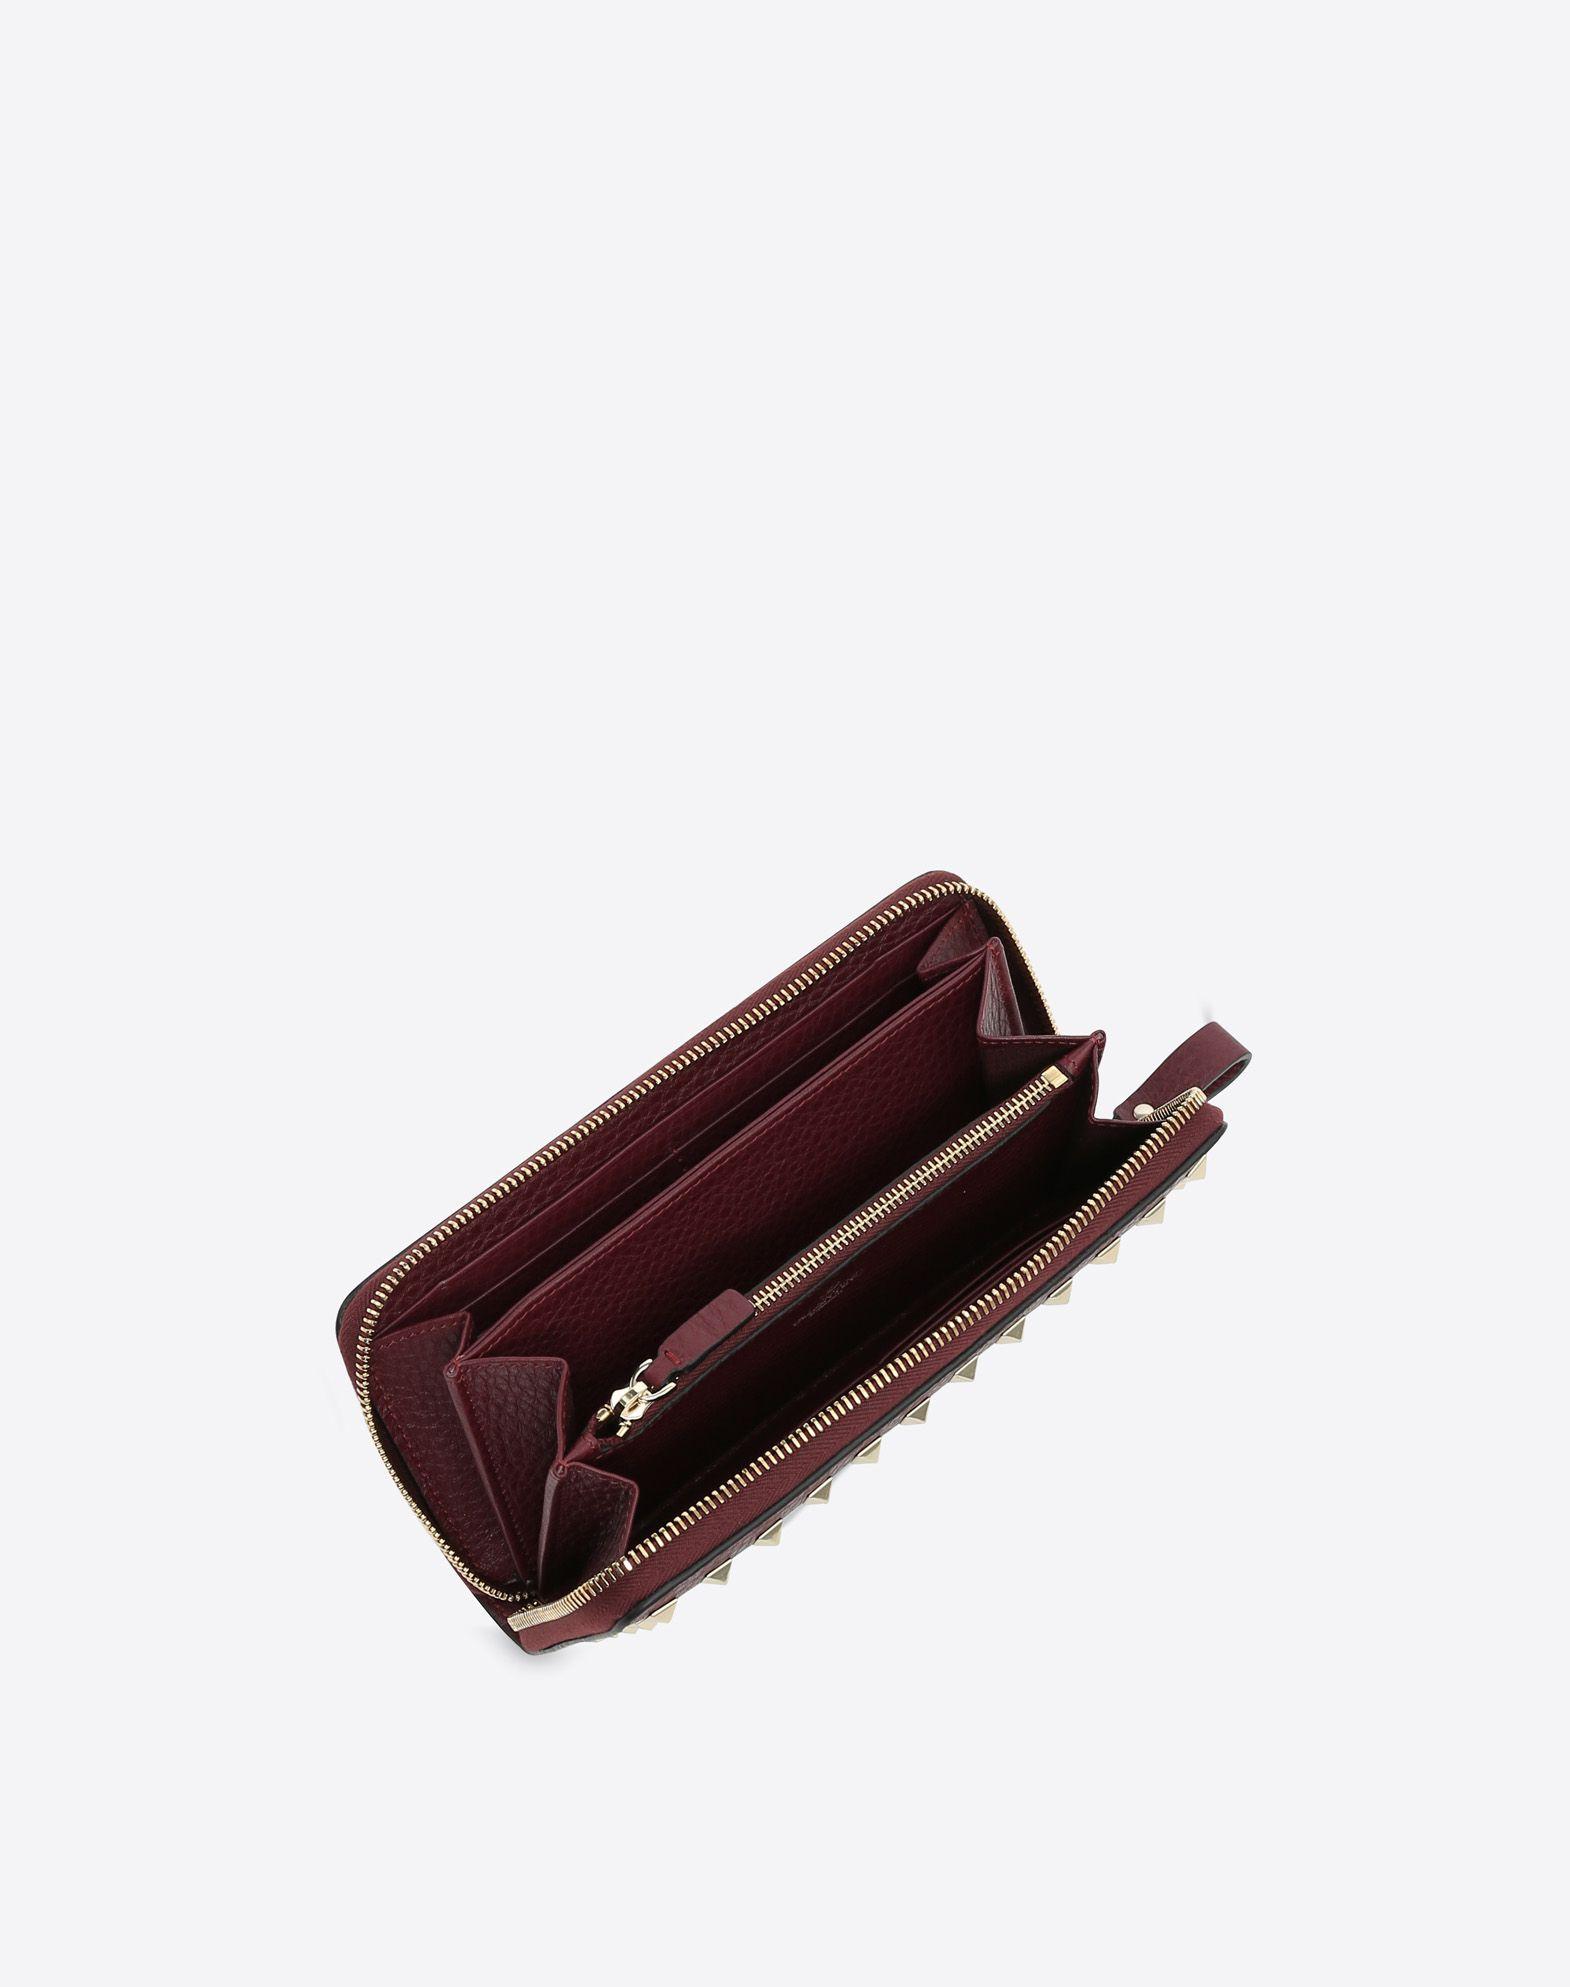 VALENTINO GARAVANI Rockstud Wallet ZIP AROUND WALLETS D a